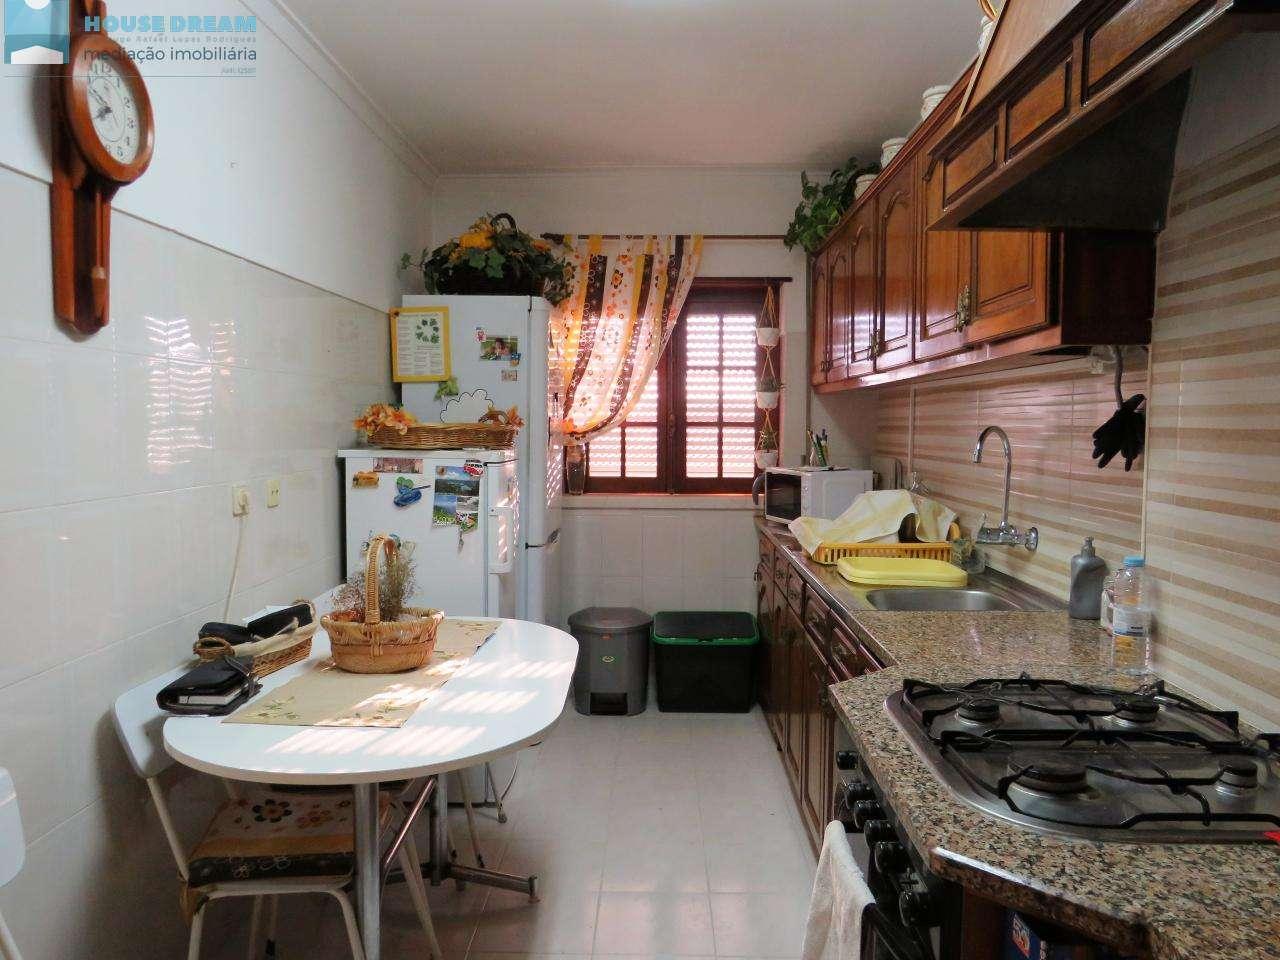 Apartamento para comprar, Santo Isidoro, Lisboa - Foto 17